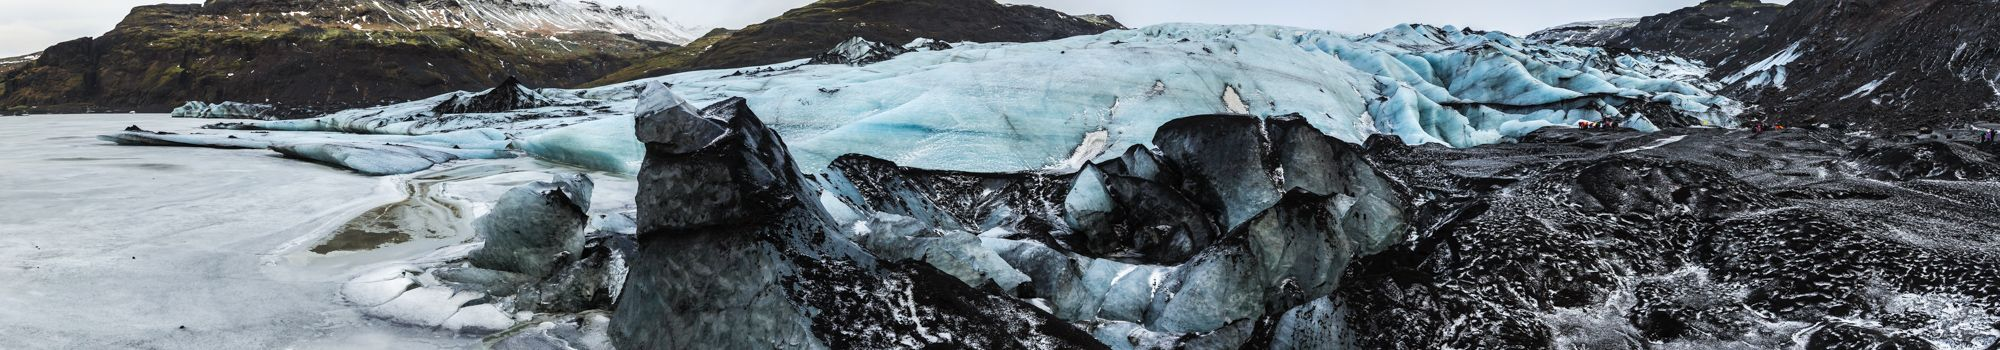 Solheimajokull-glacier-Iceland